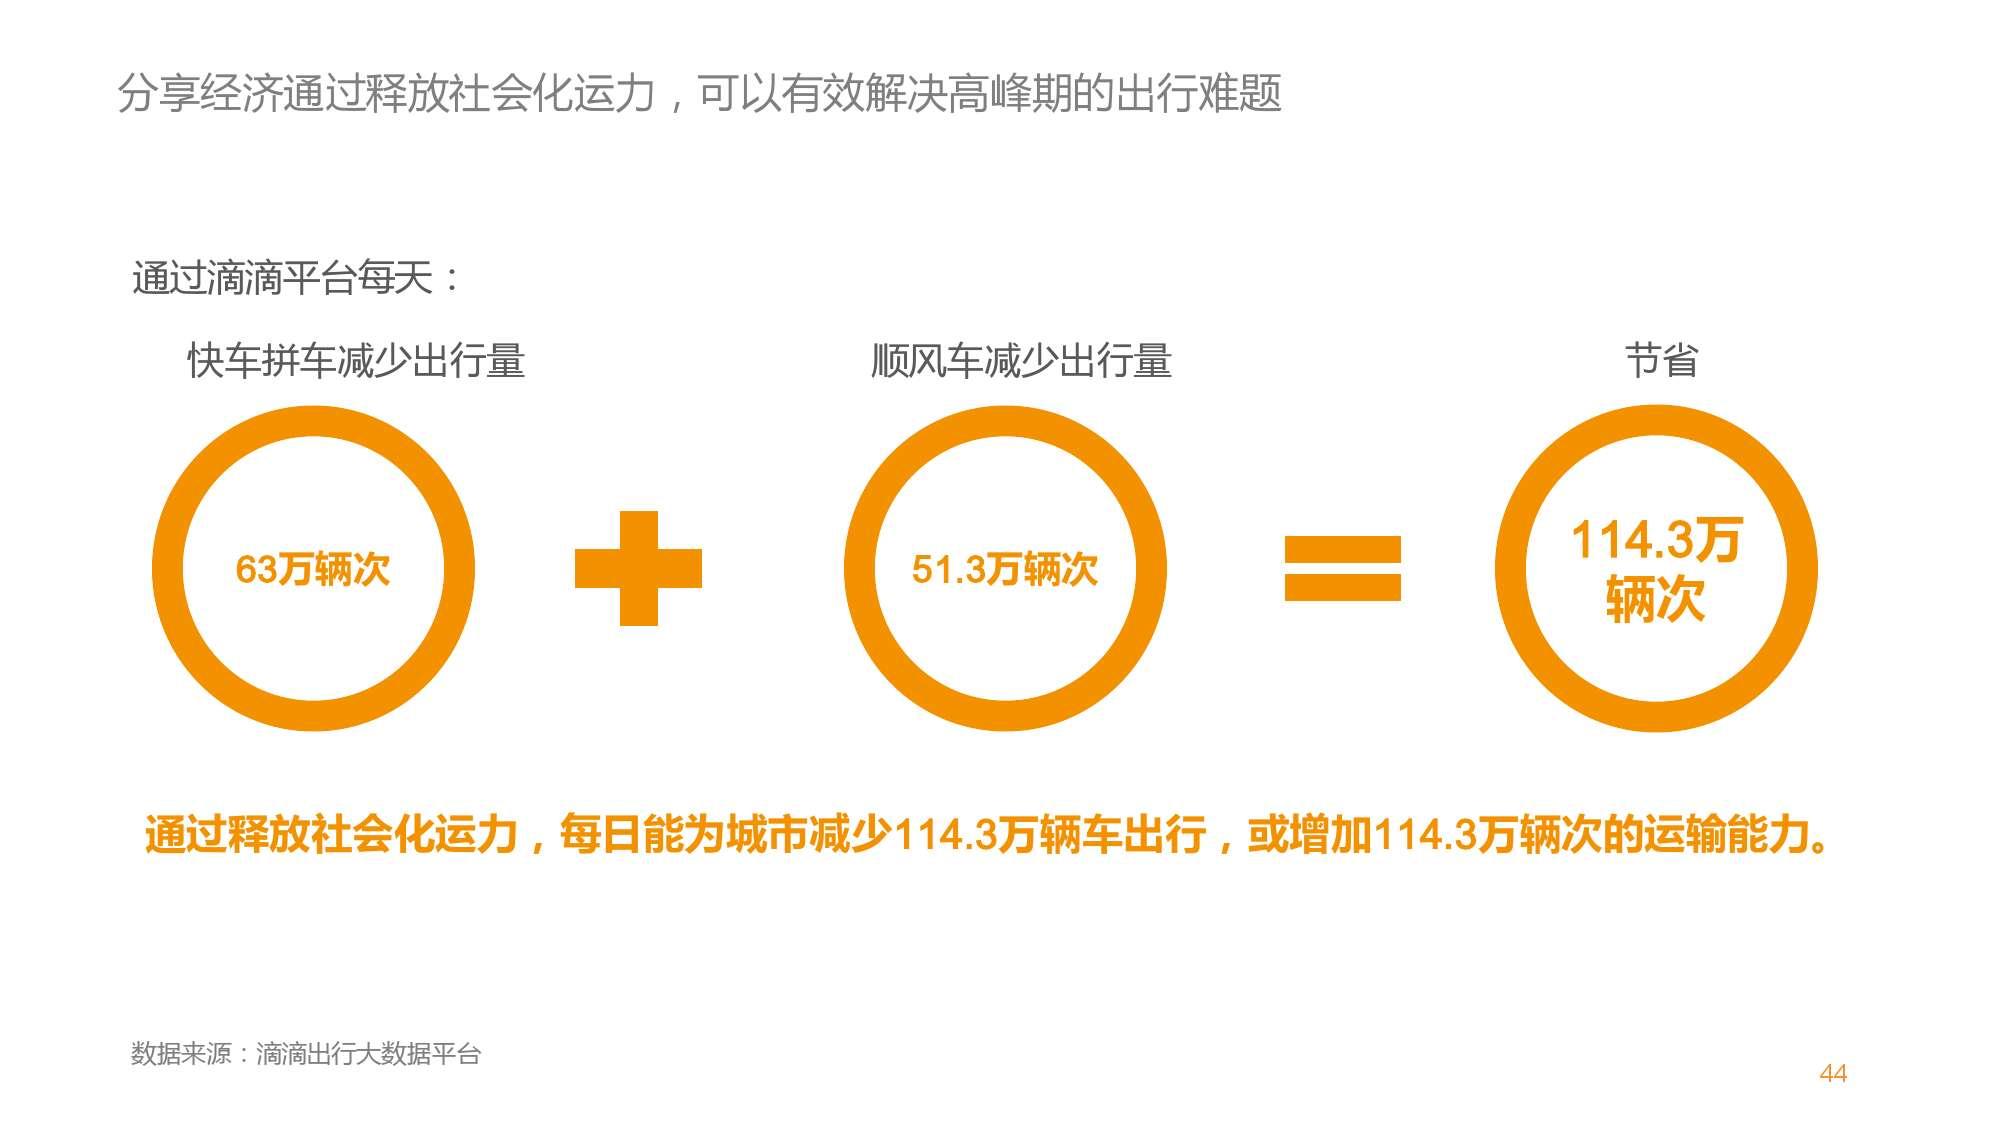 中国智能出行2015大数据报告_000045